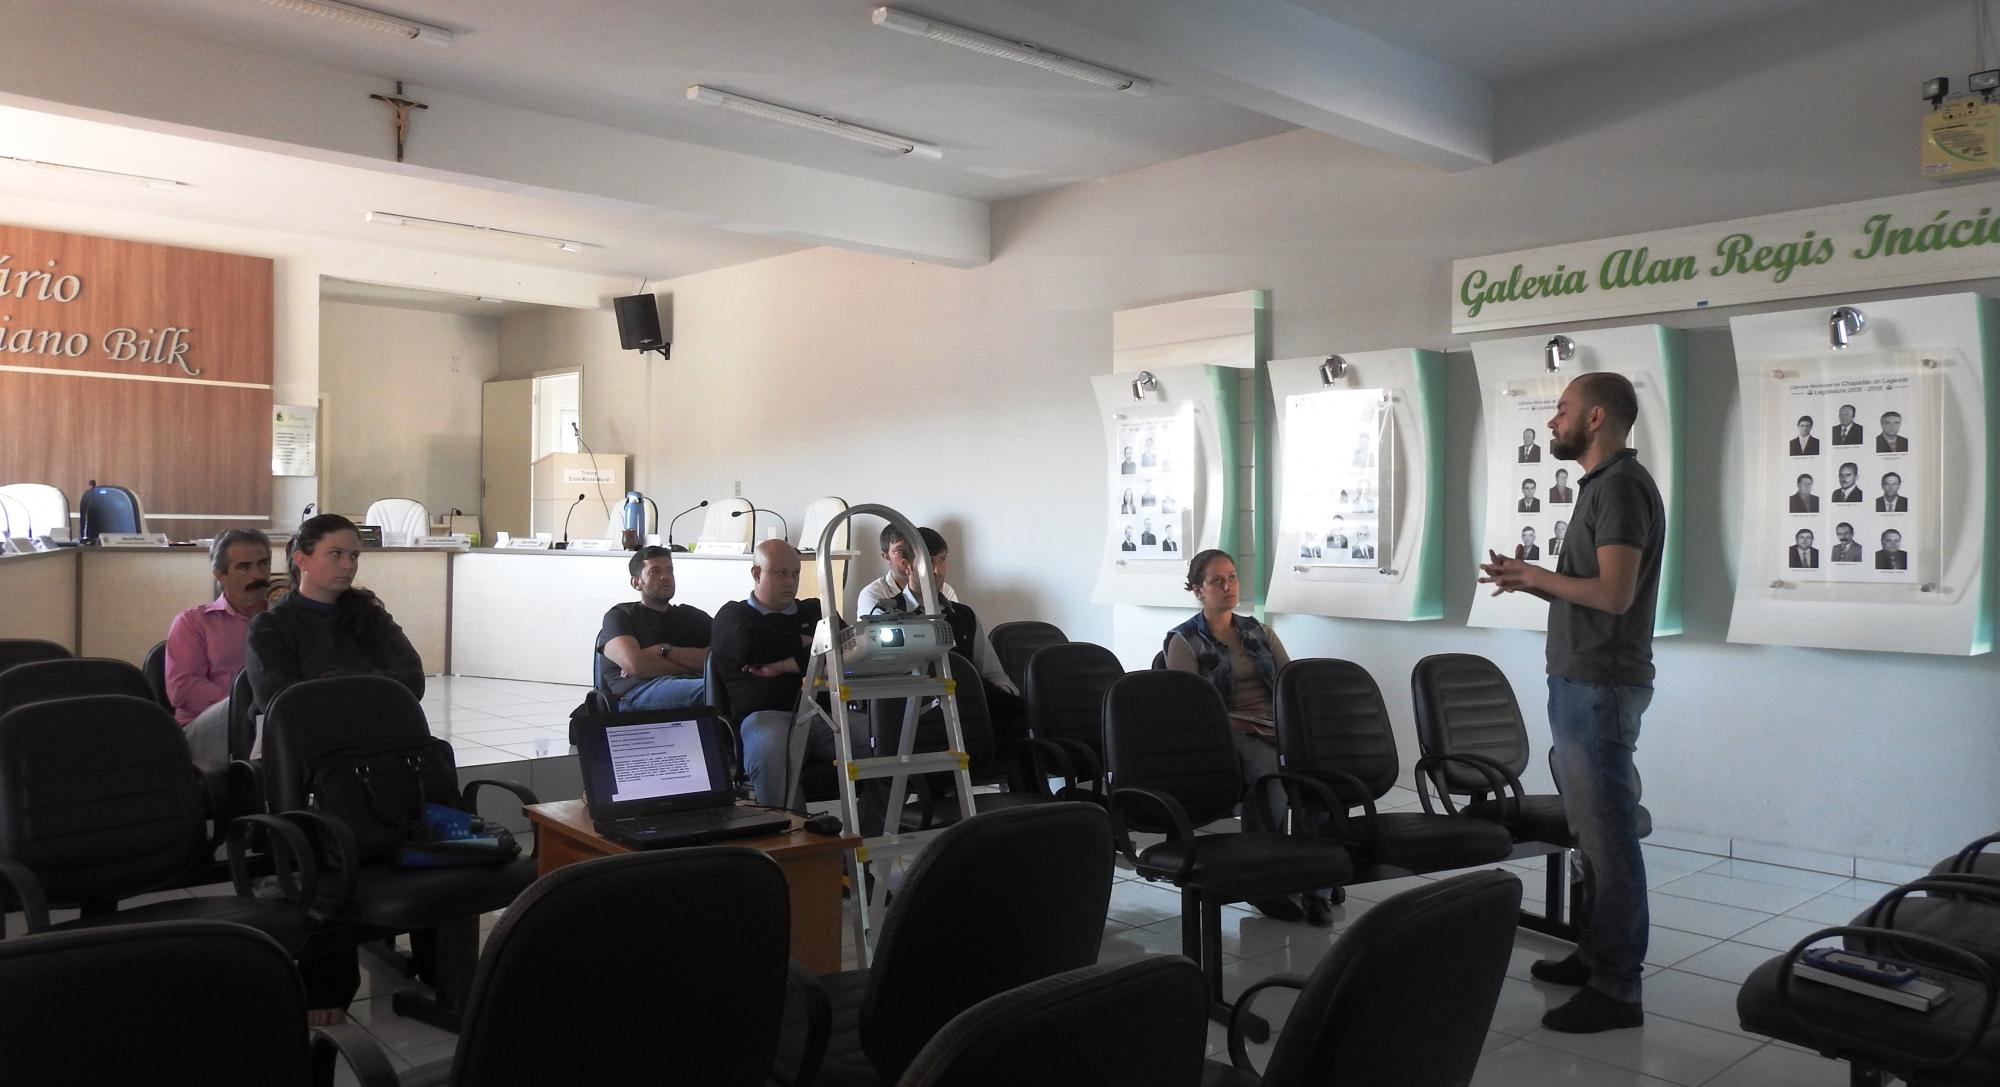 Mais de 500 propriedades agrícolas de Chapadão do Lageado devem receber as recenseadoras do IBGE a partir de outubro